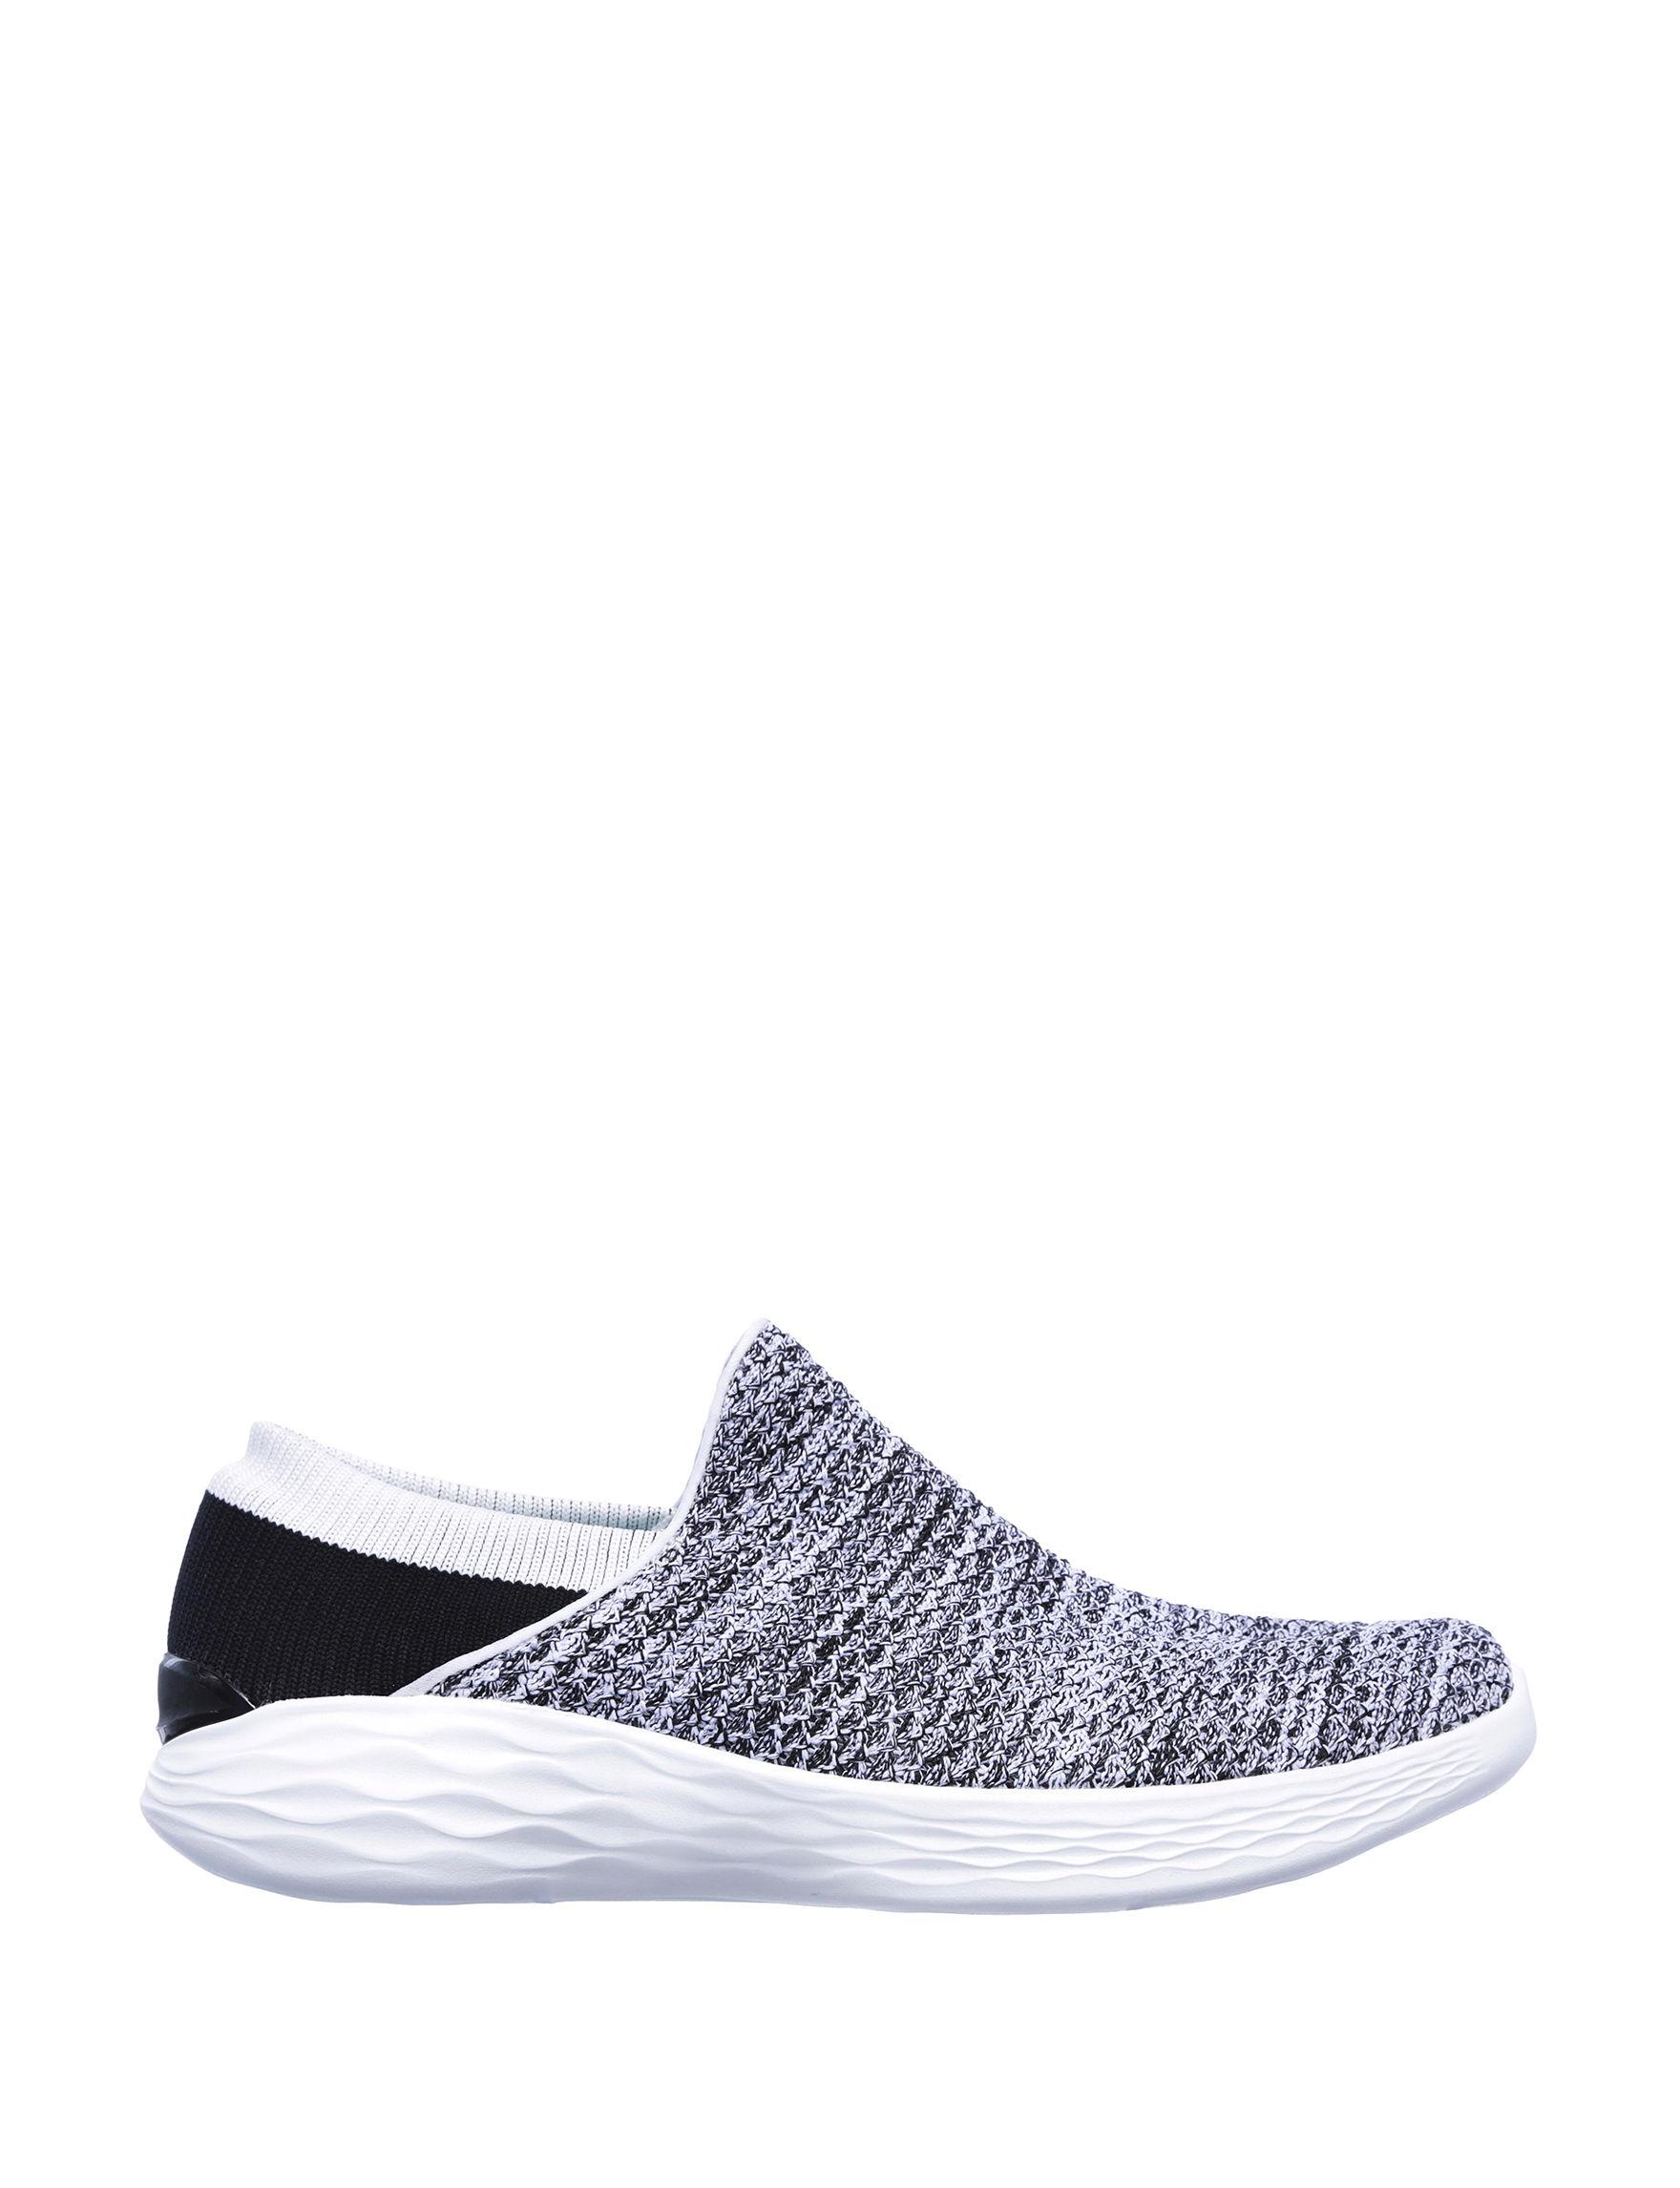 Skechers White / Black